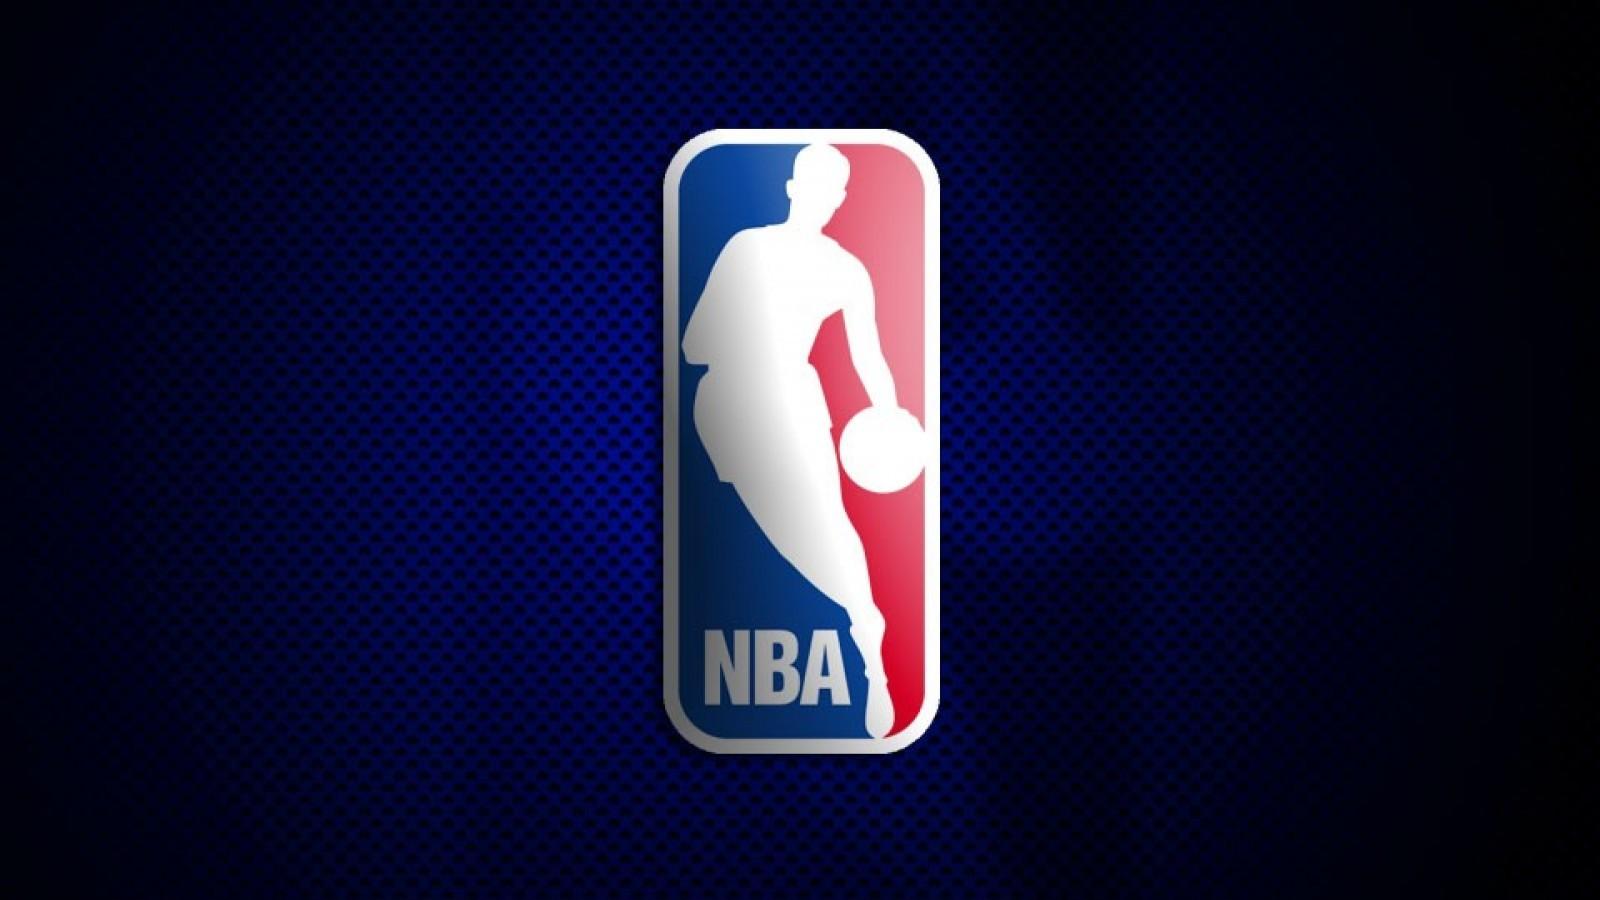 Найкращі моменти матчу плей-оф НБА 5 травня